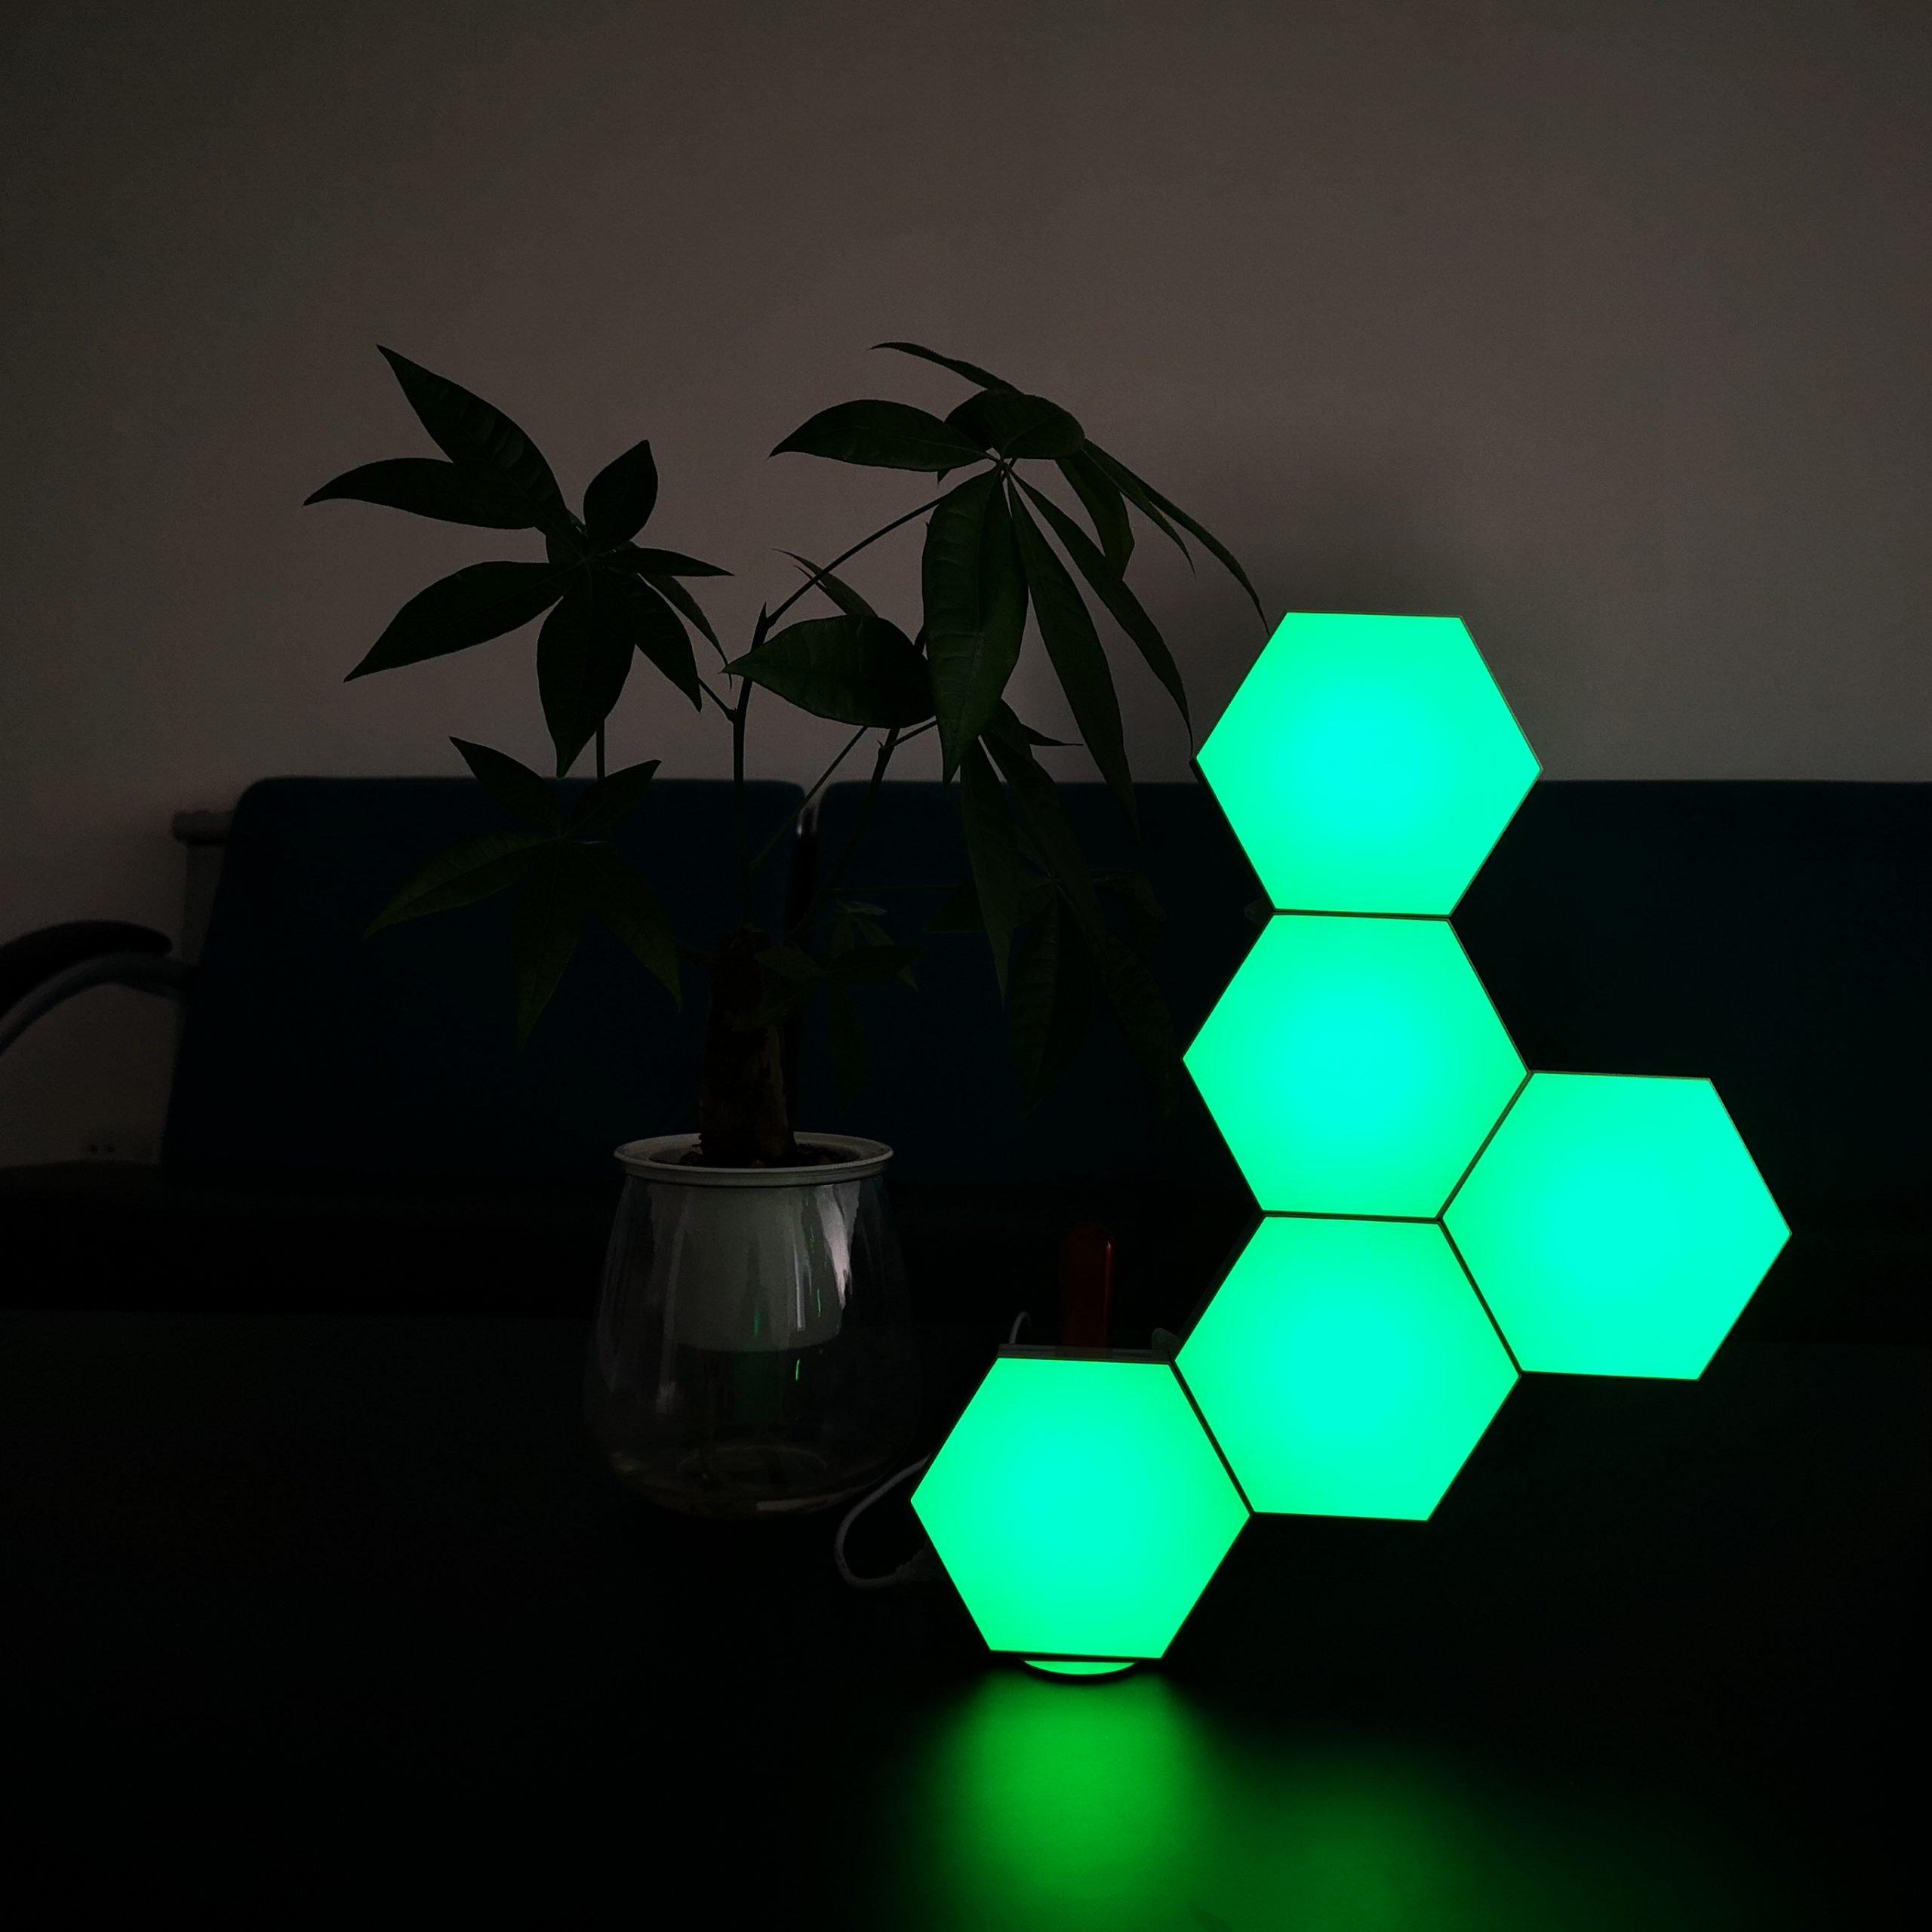 green hex tiles